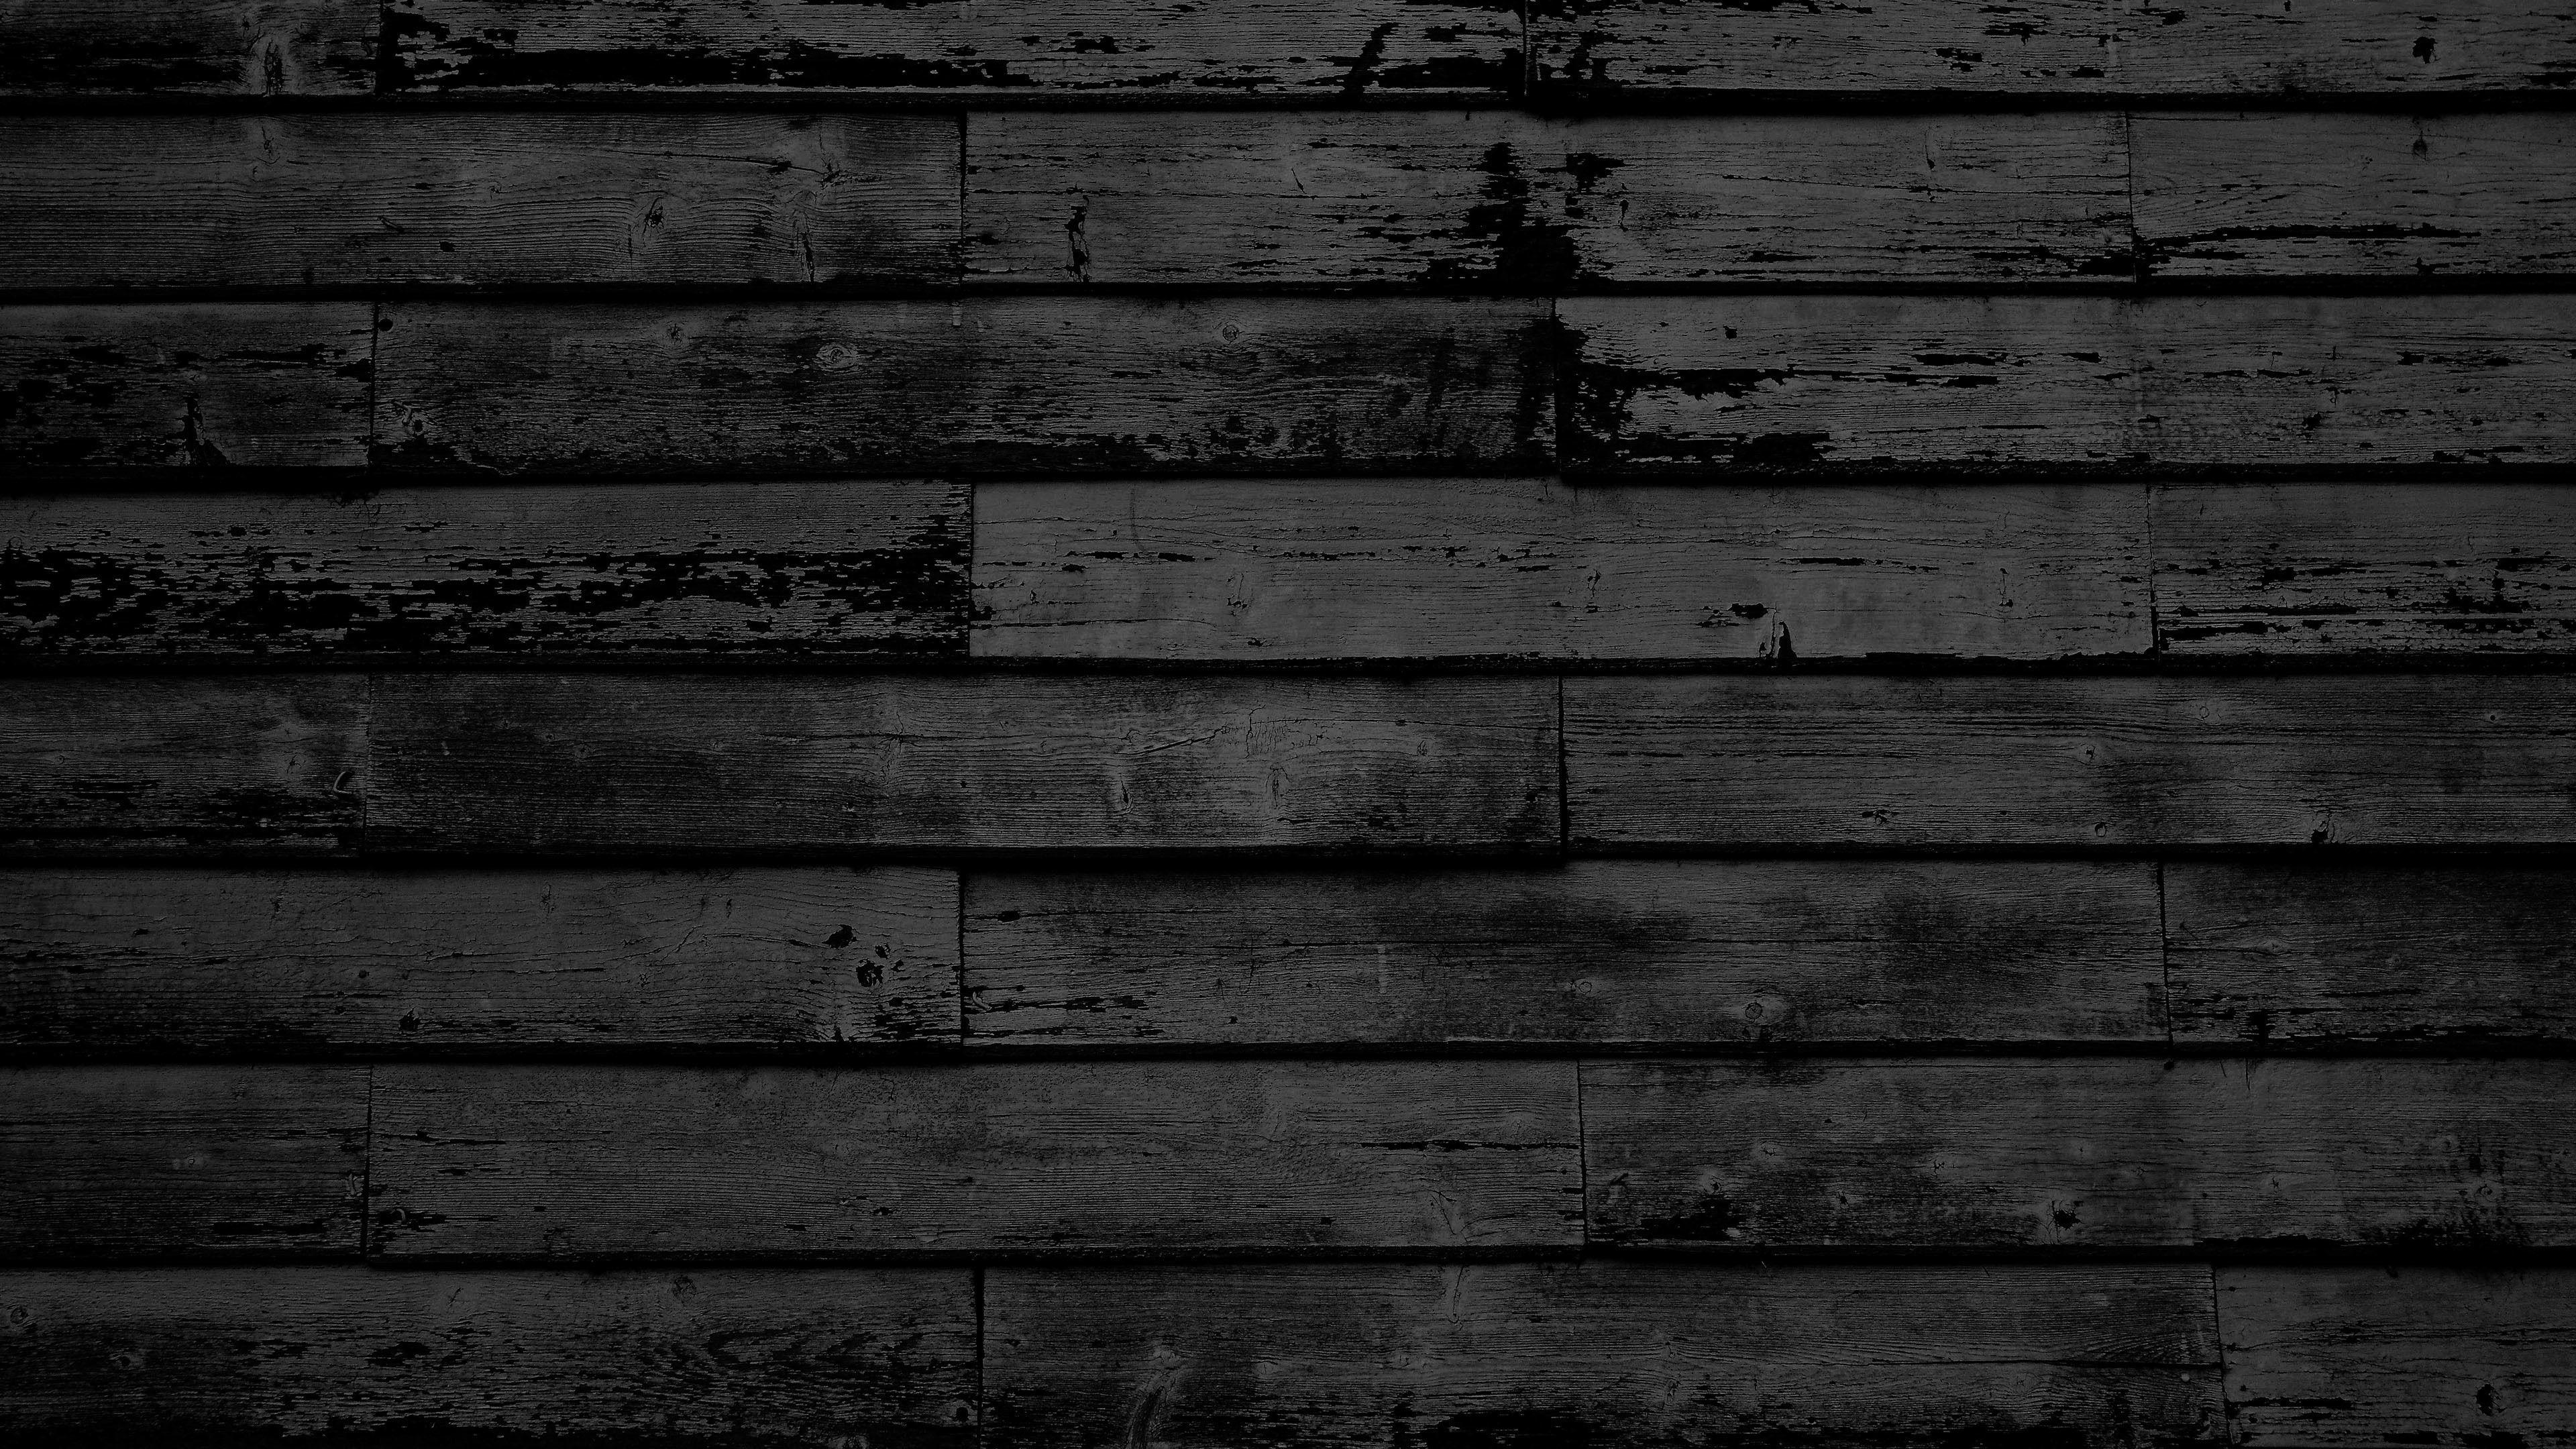 Black Wood Wood Wallpapers Hd Wallpapers Digital Art Wallpapers Abstract Wallpapers 4k Wallpapers In 2020 Wood Wallpaper Abstract Wallpaper Art Wallpaper